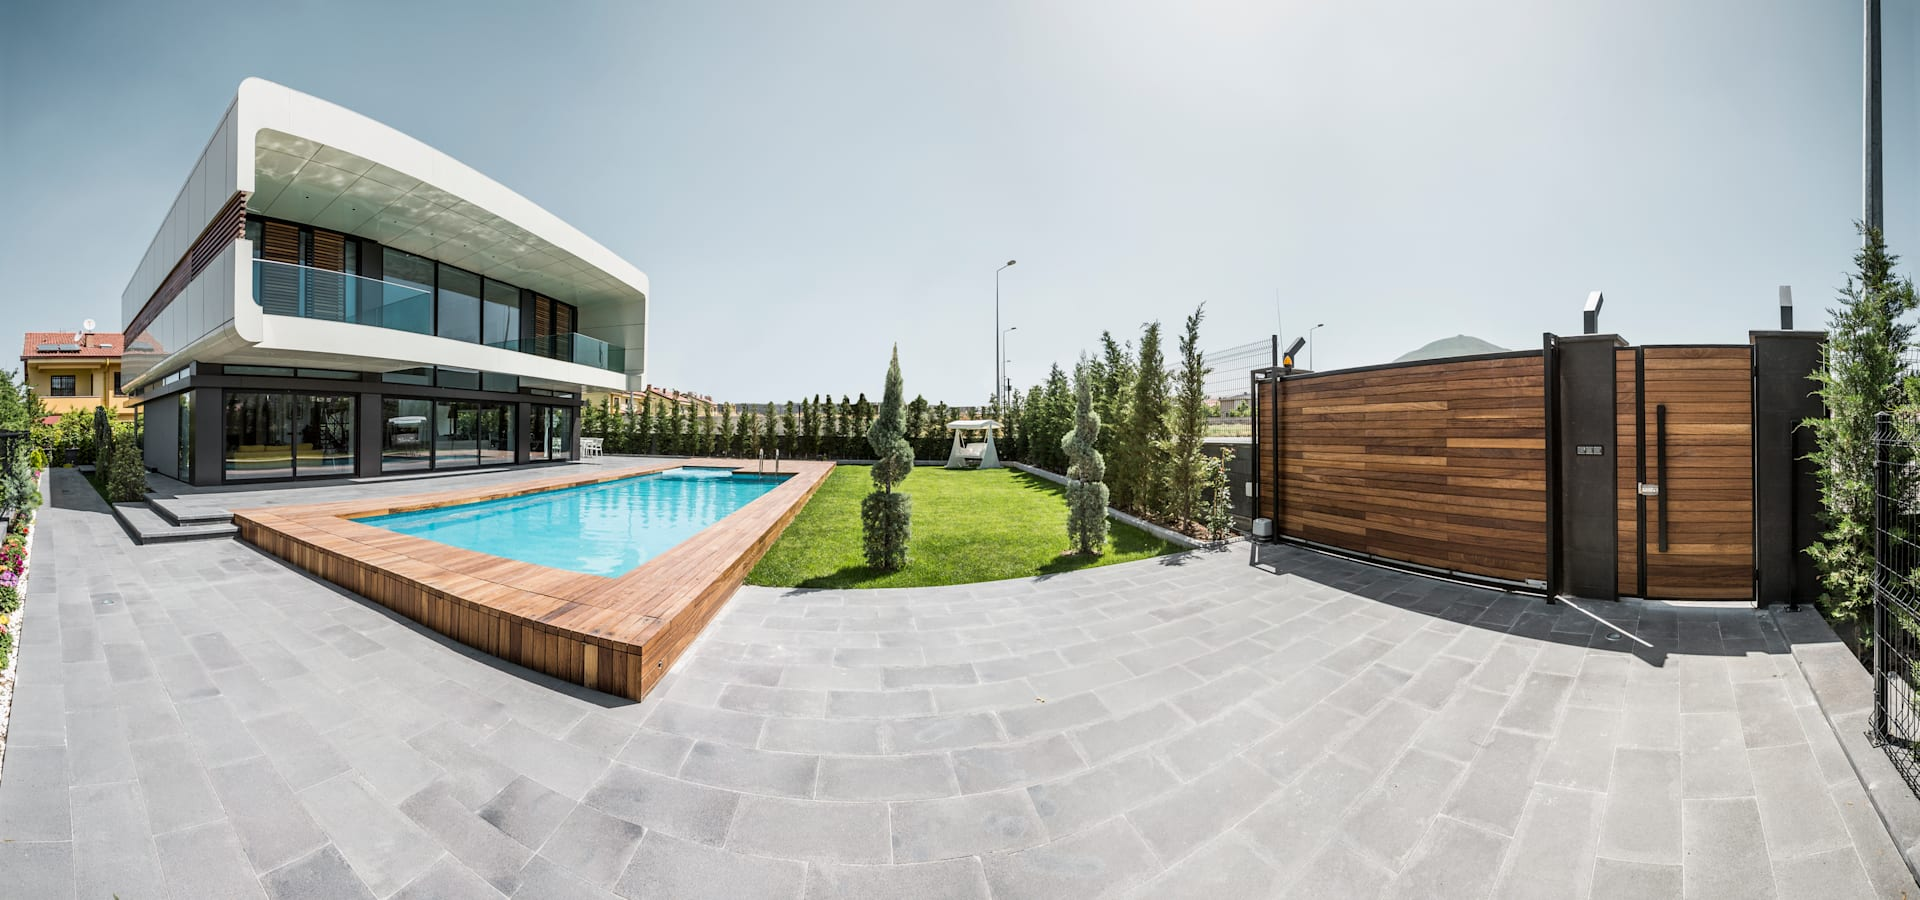 Bahadır Kul Architects